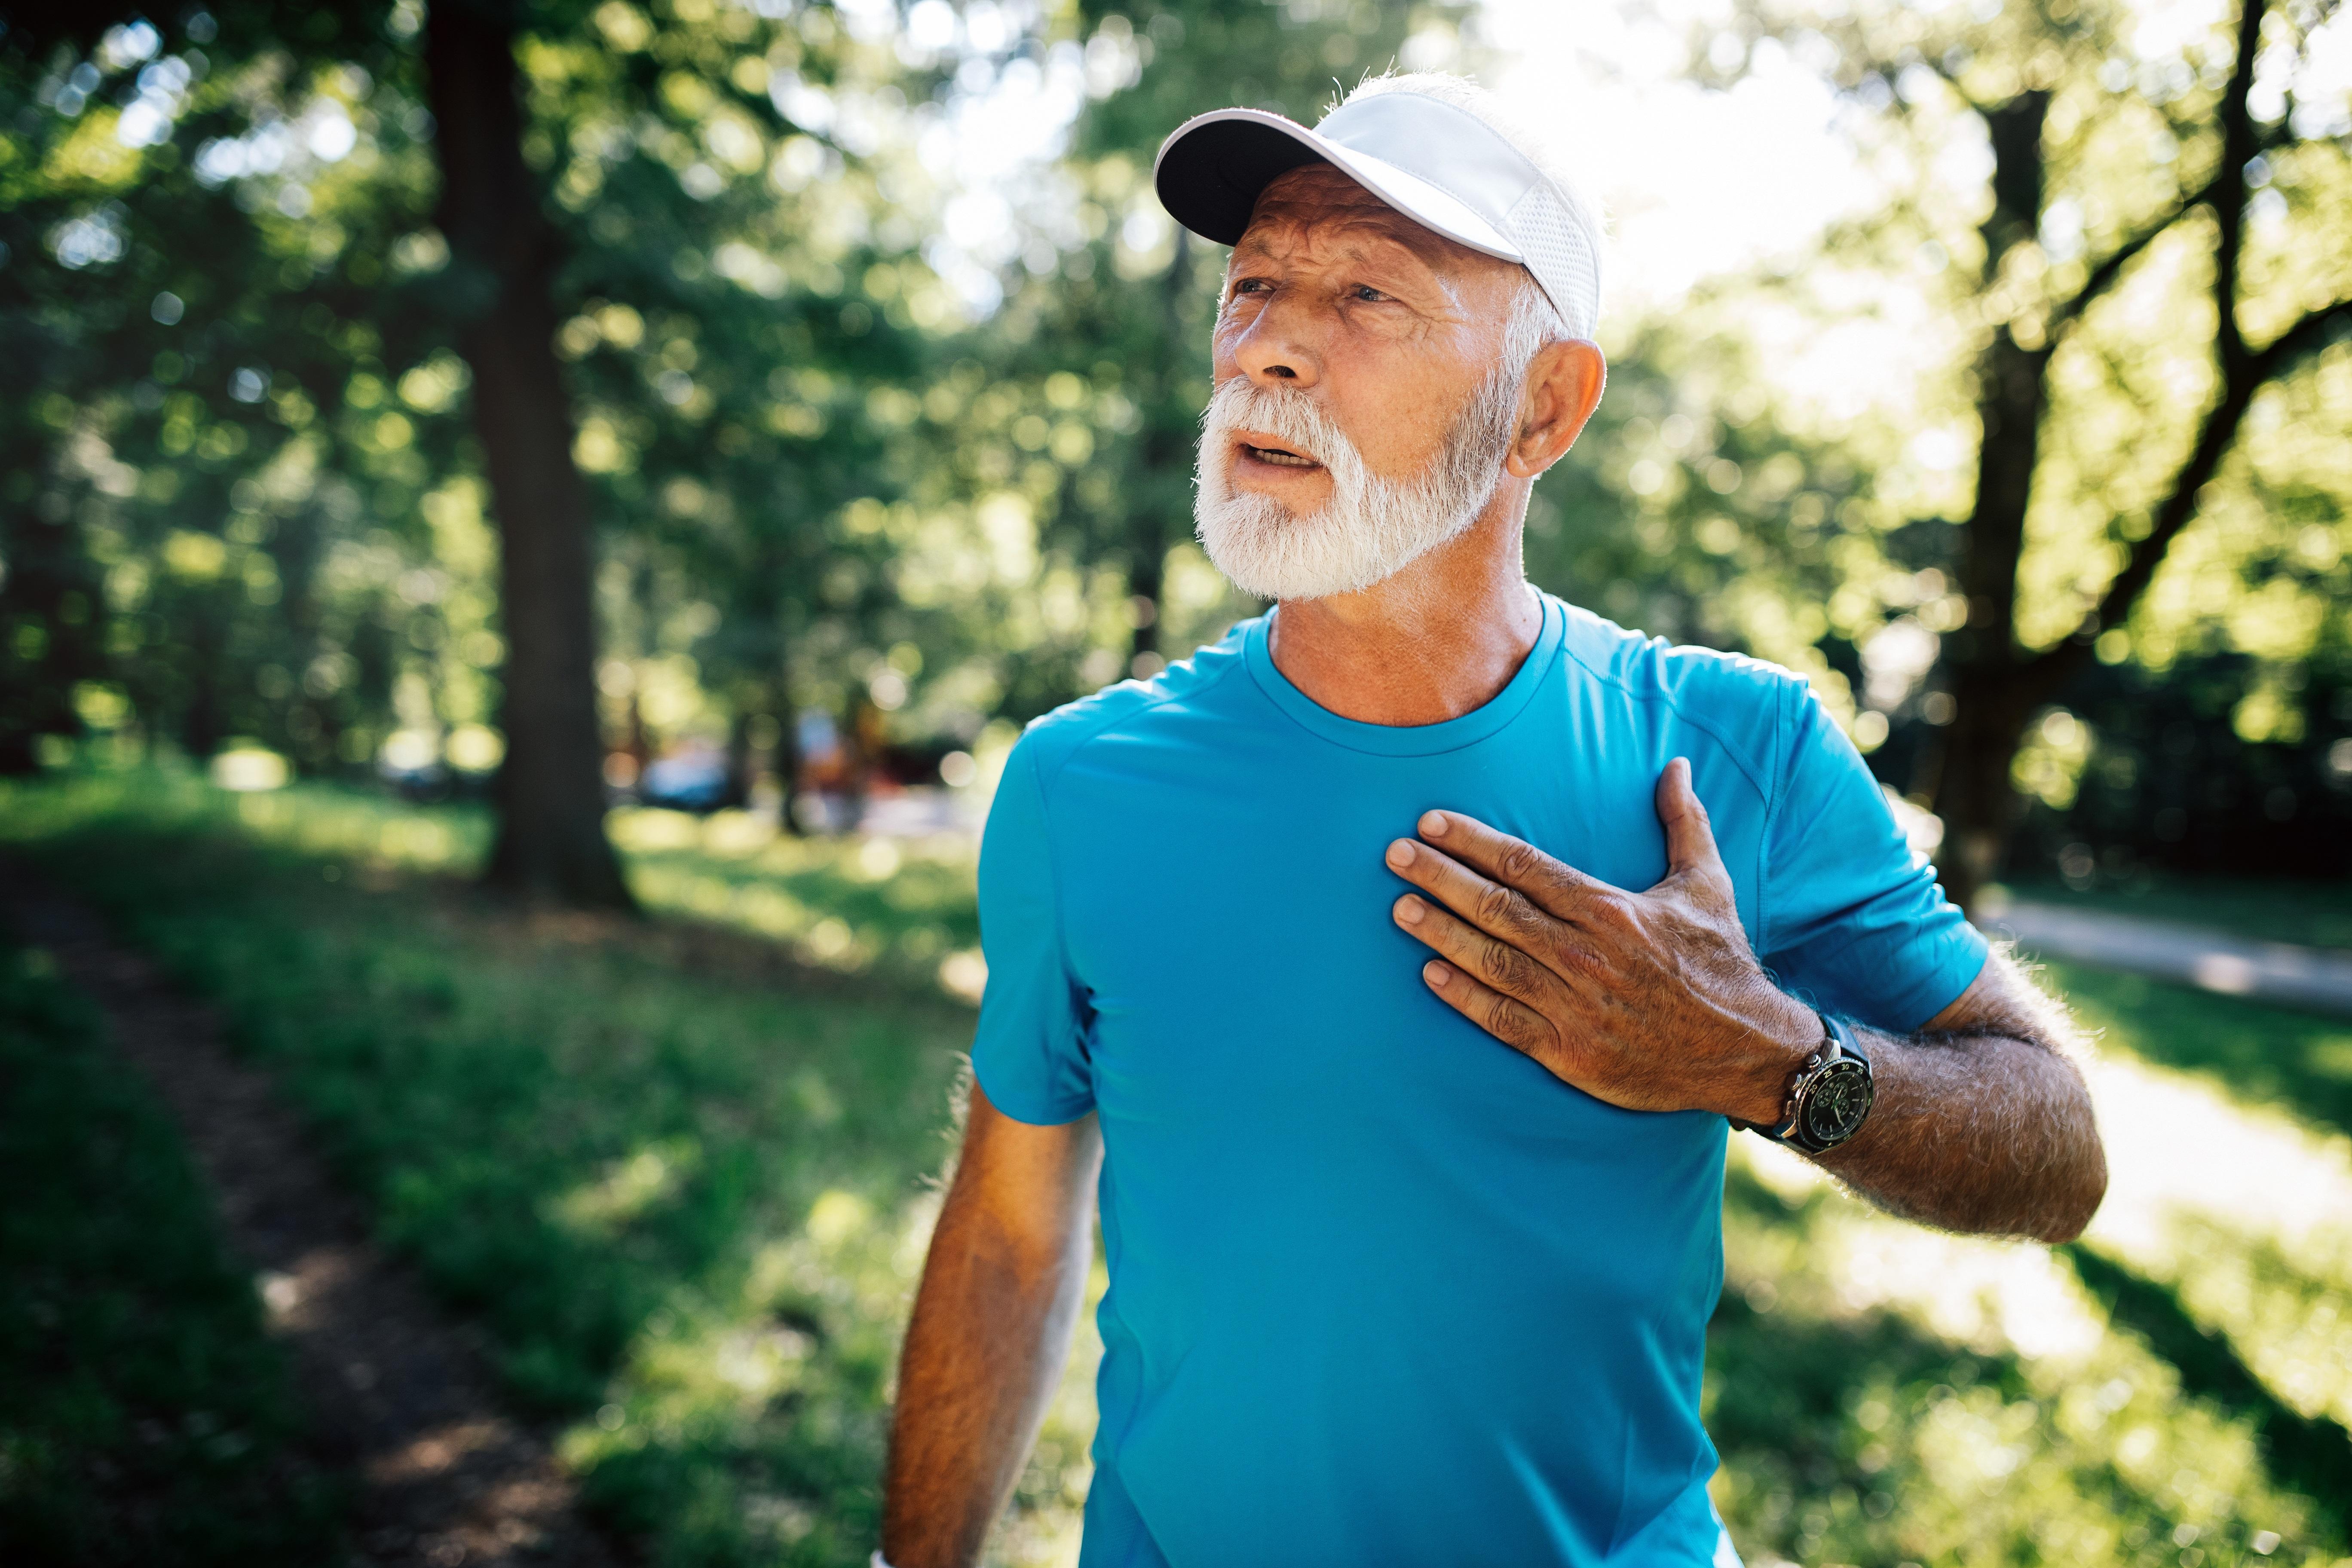 KHK – wenn sich die Herzgefäße verengen